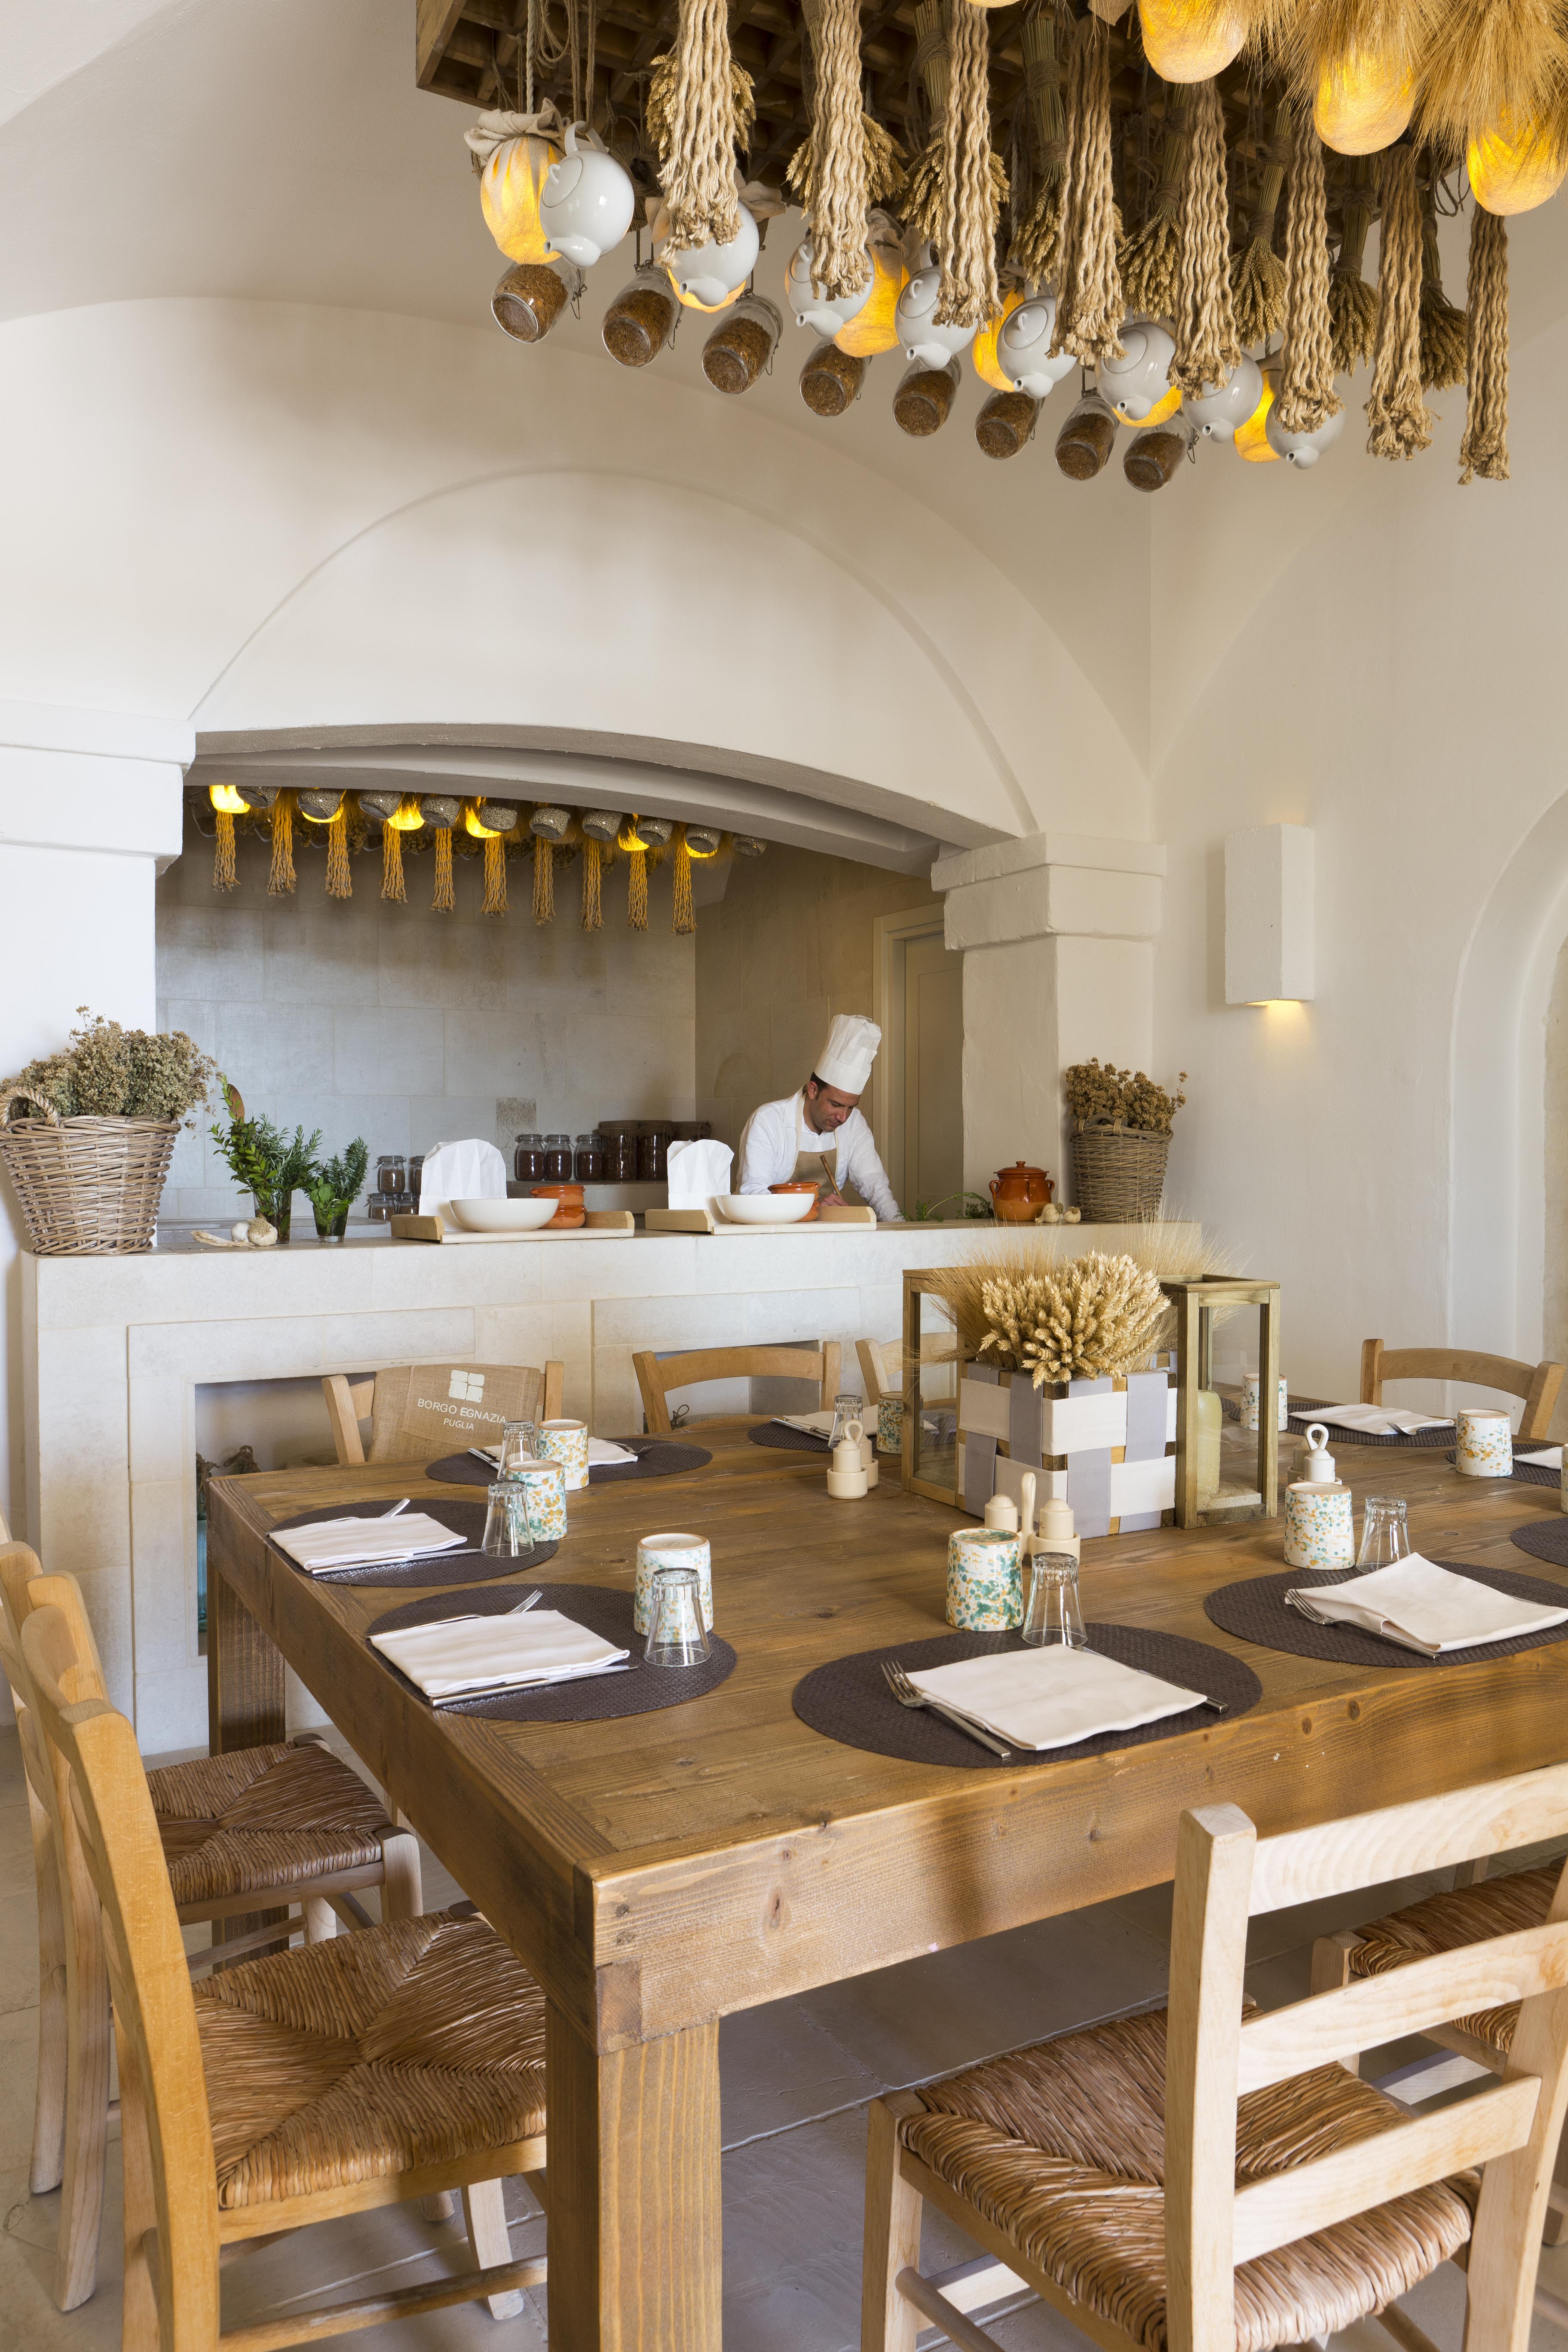 мастерклассы по оливковому маслу в Италии